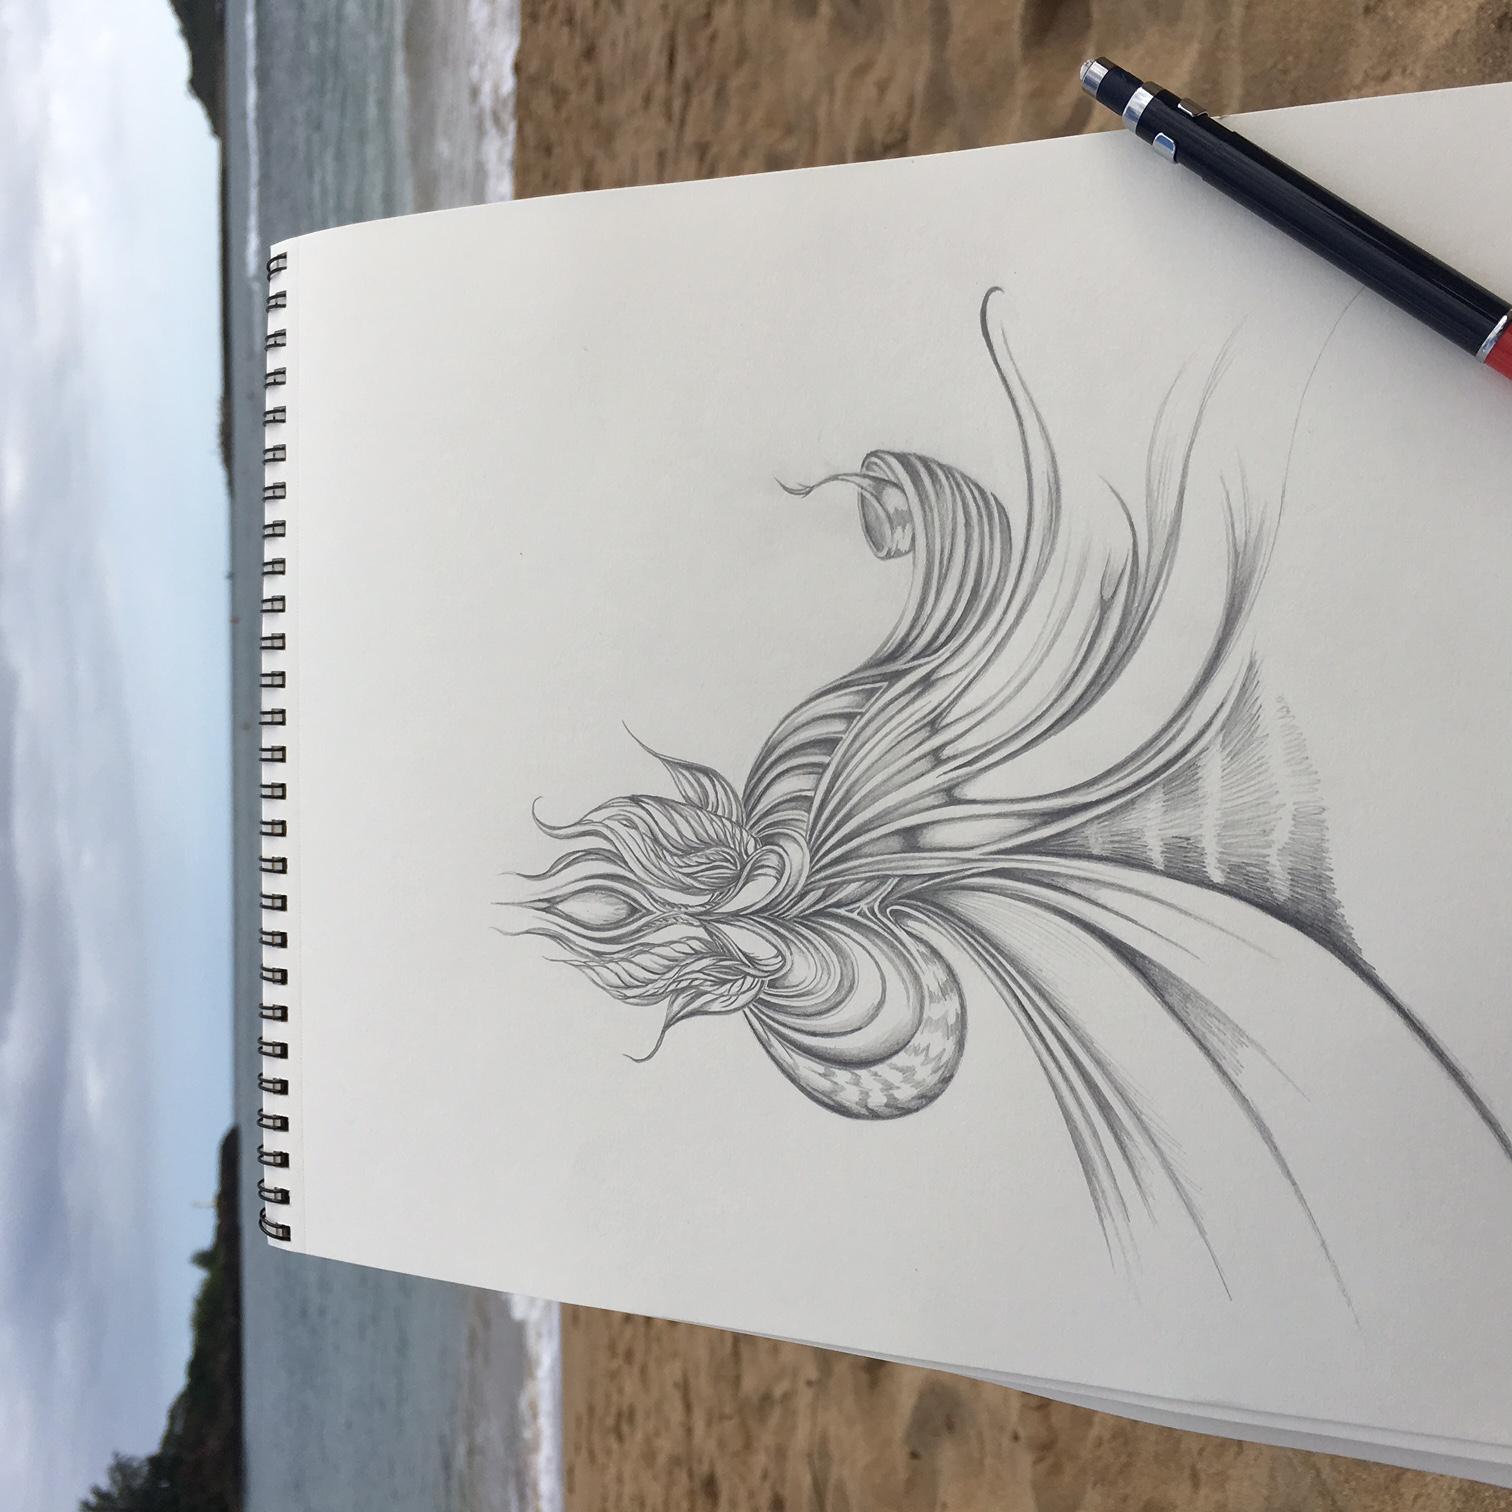 Field Sketch 5 - Context Shot